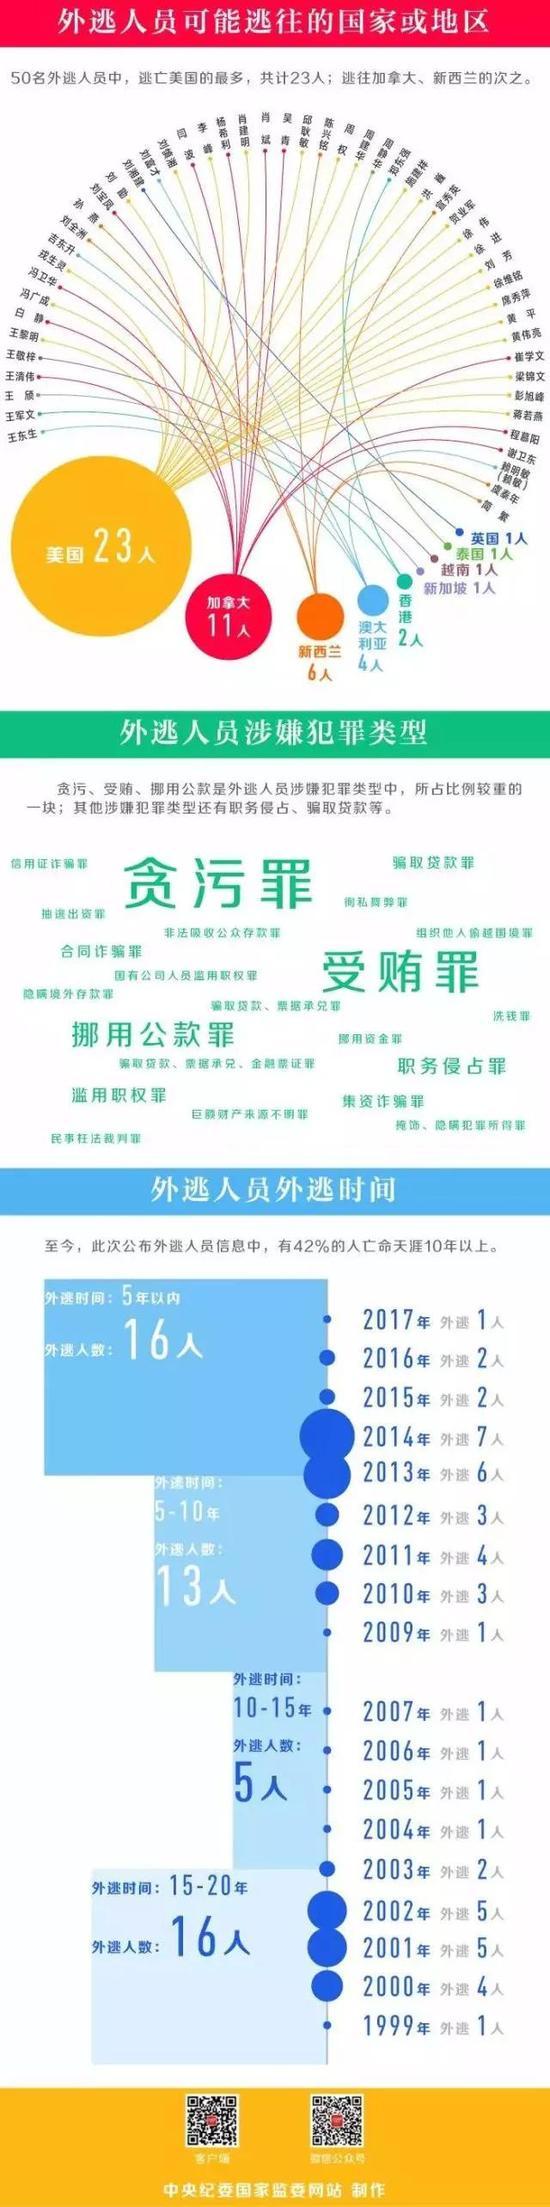 (来源:中央纪委国家监委网站)